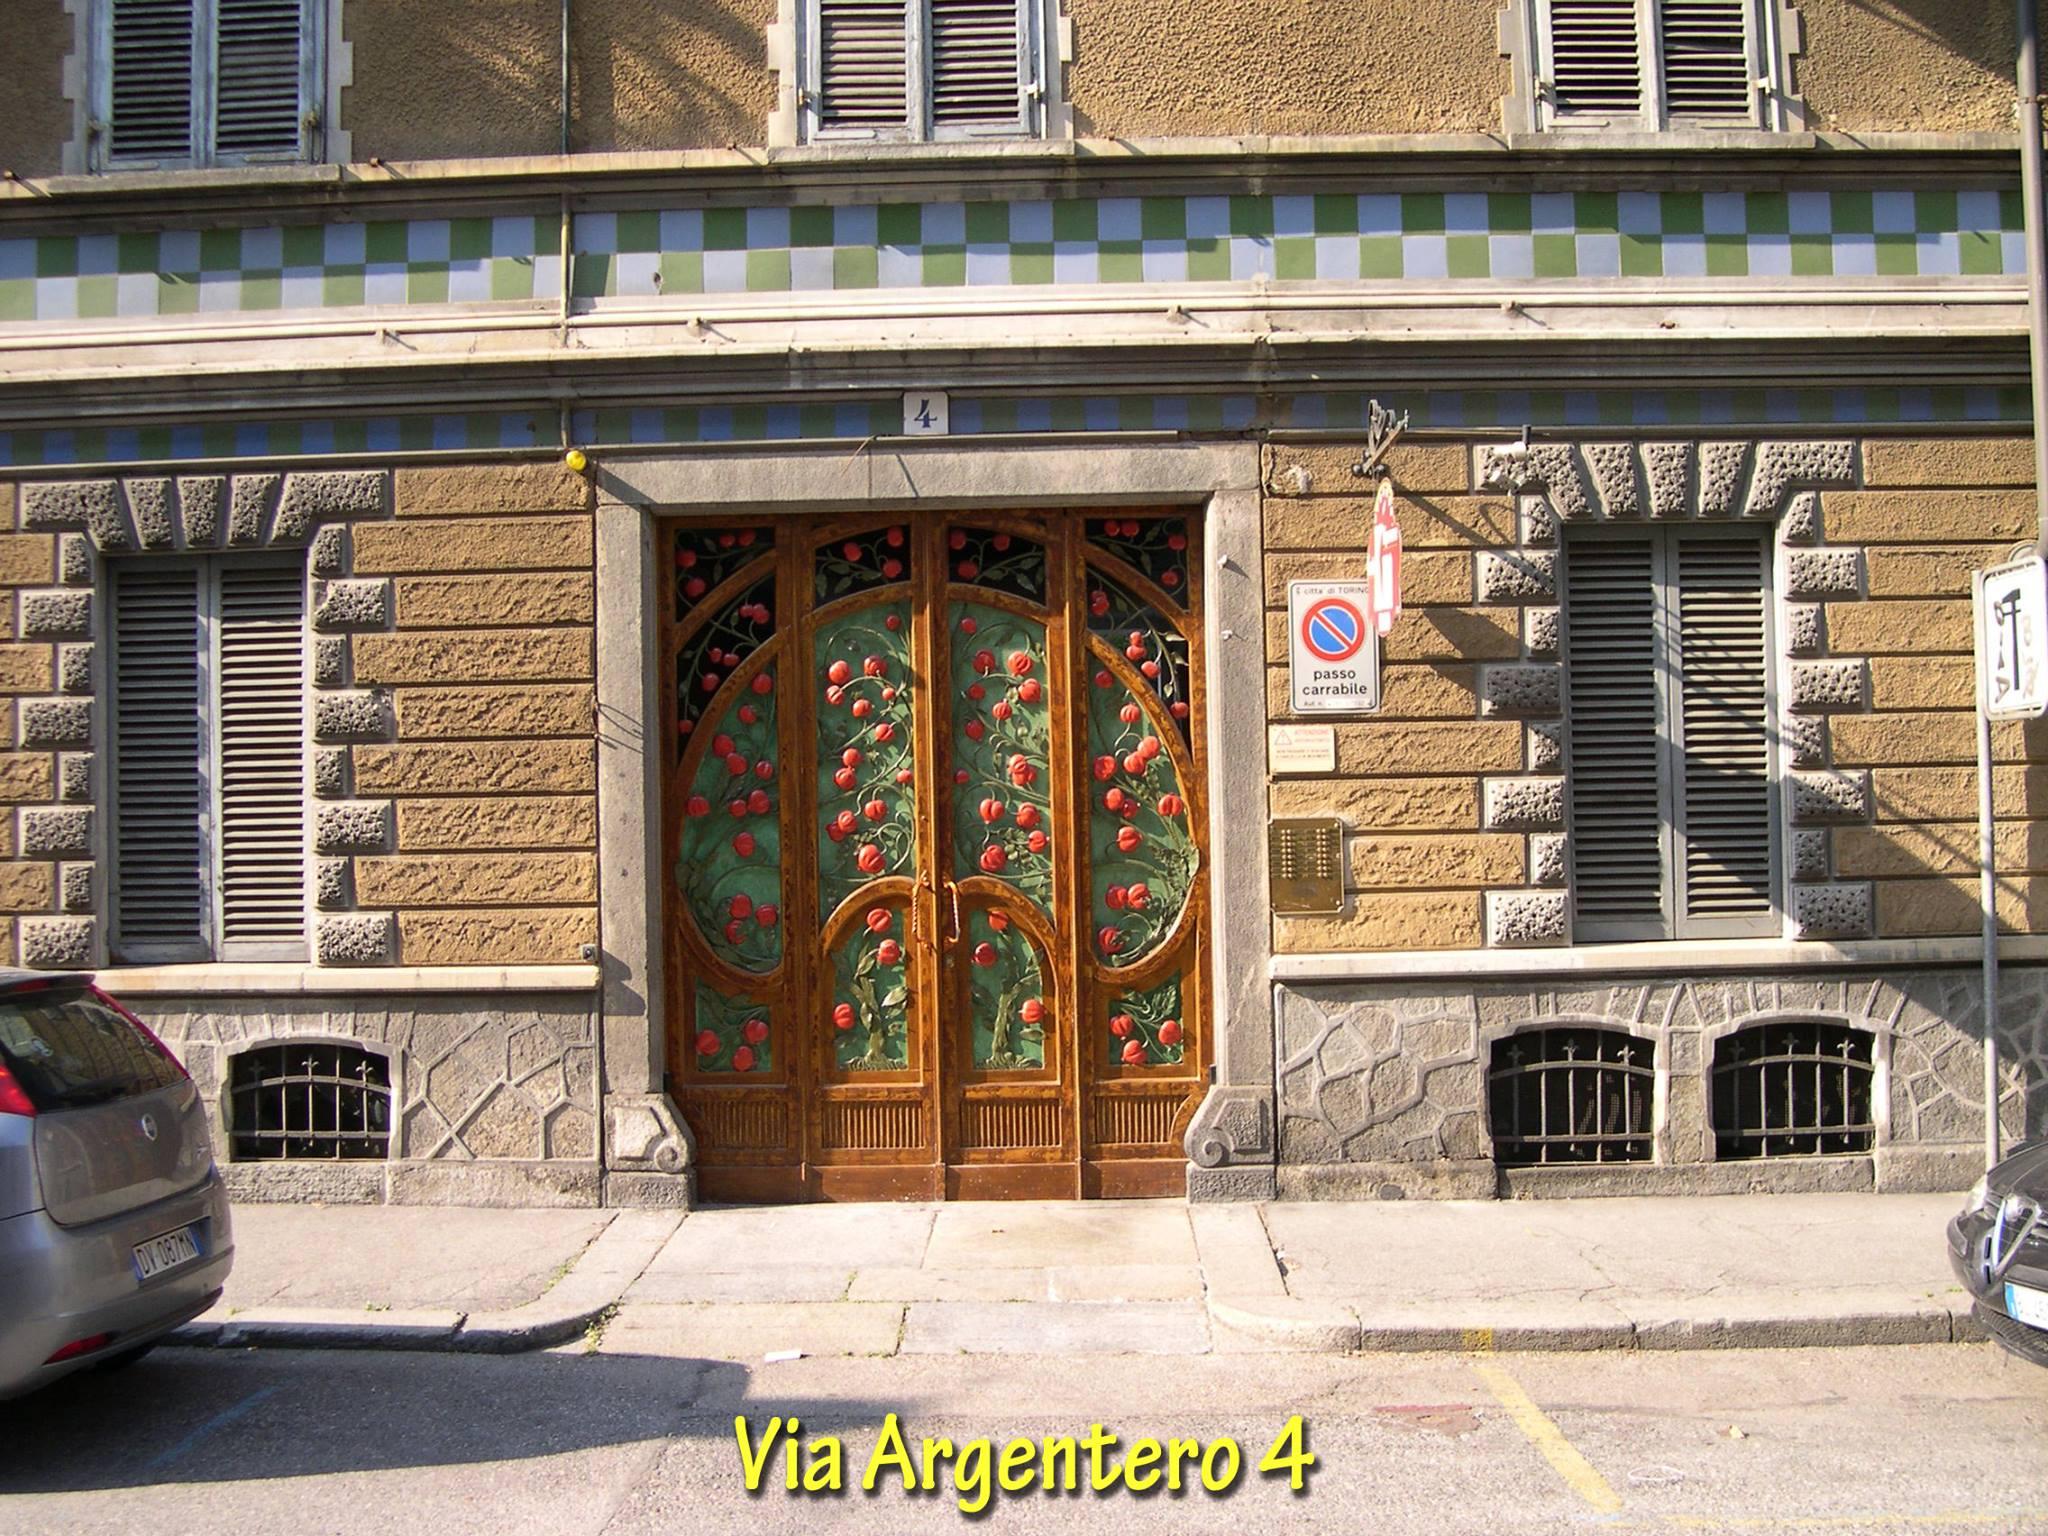 """Torino 1994 San Salvario: riti """"voodoo"""" in via Argentero?"""